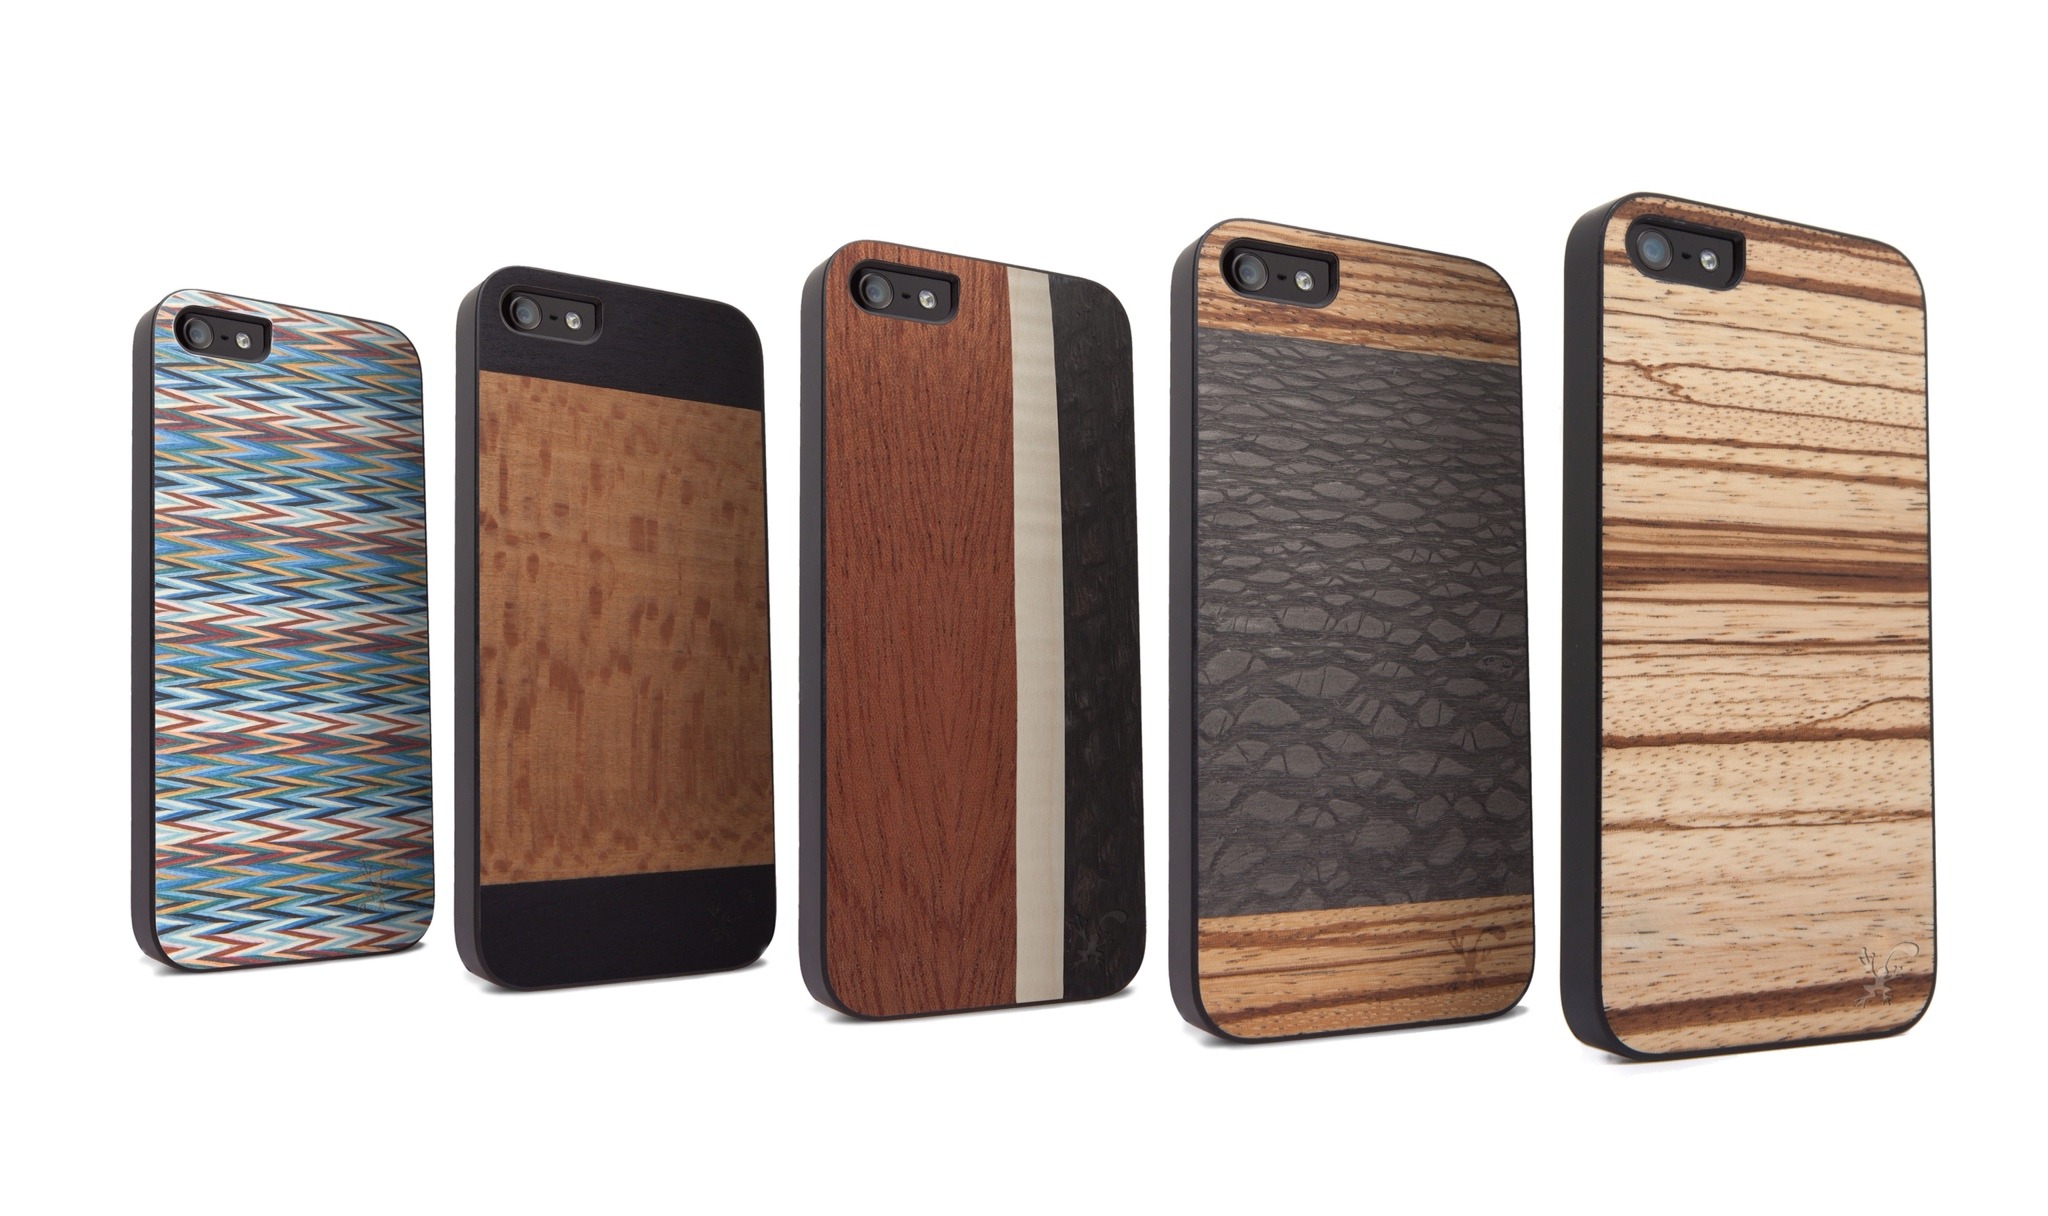 Les meilleures coques iPhone 5, 5S et SE : notre avis -